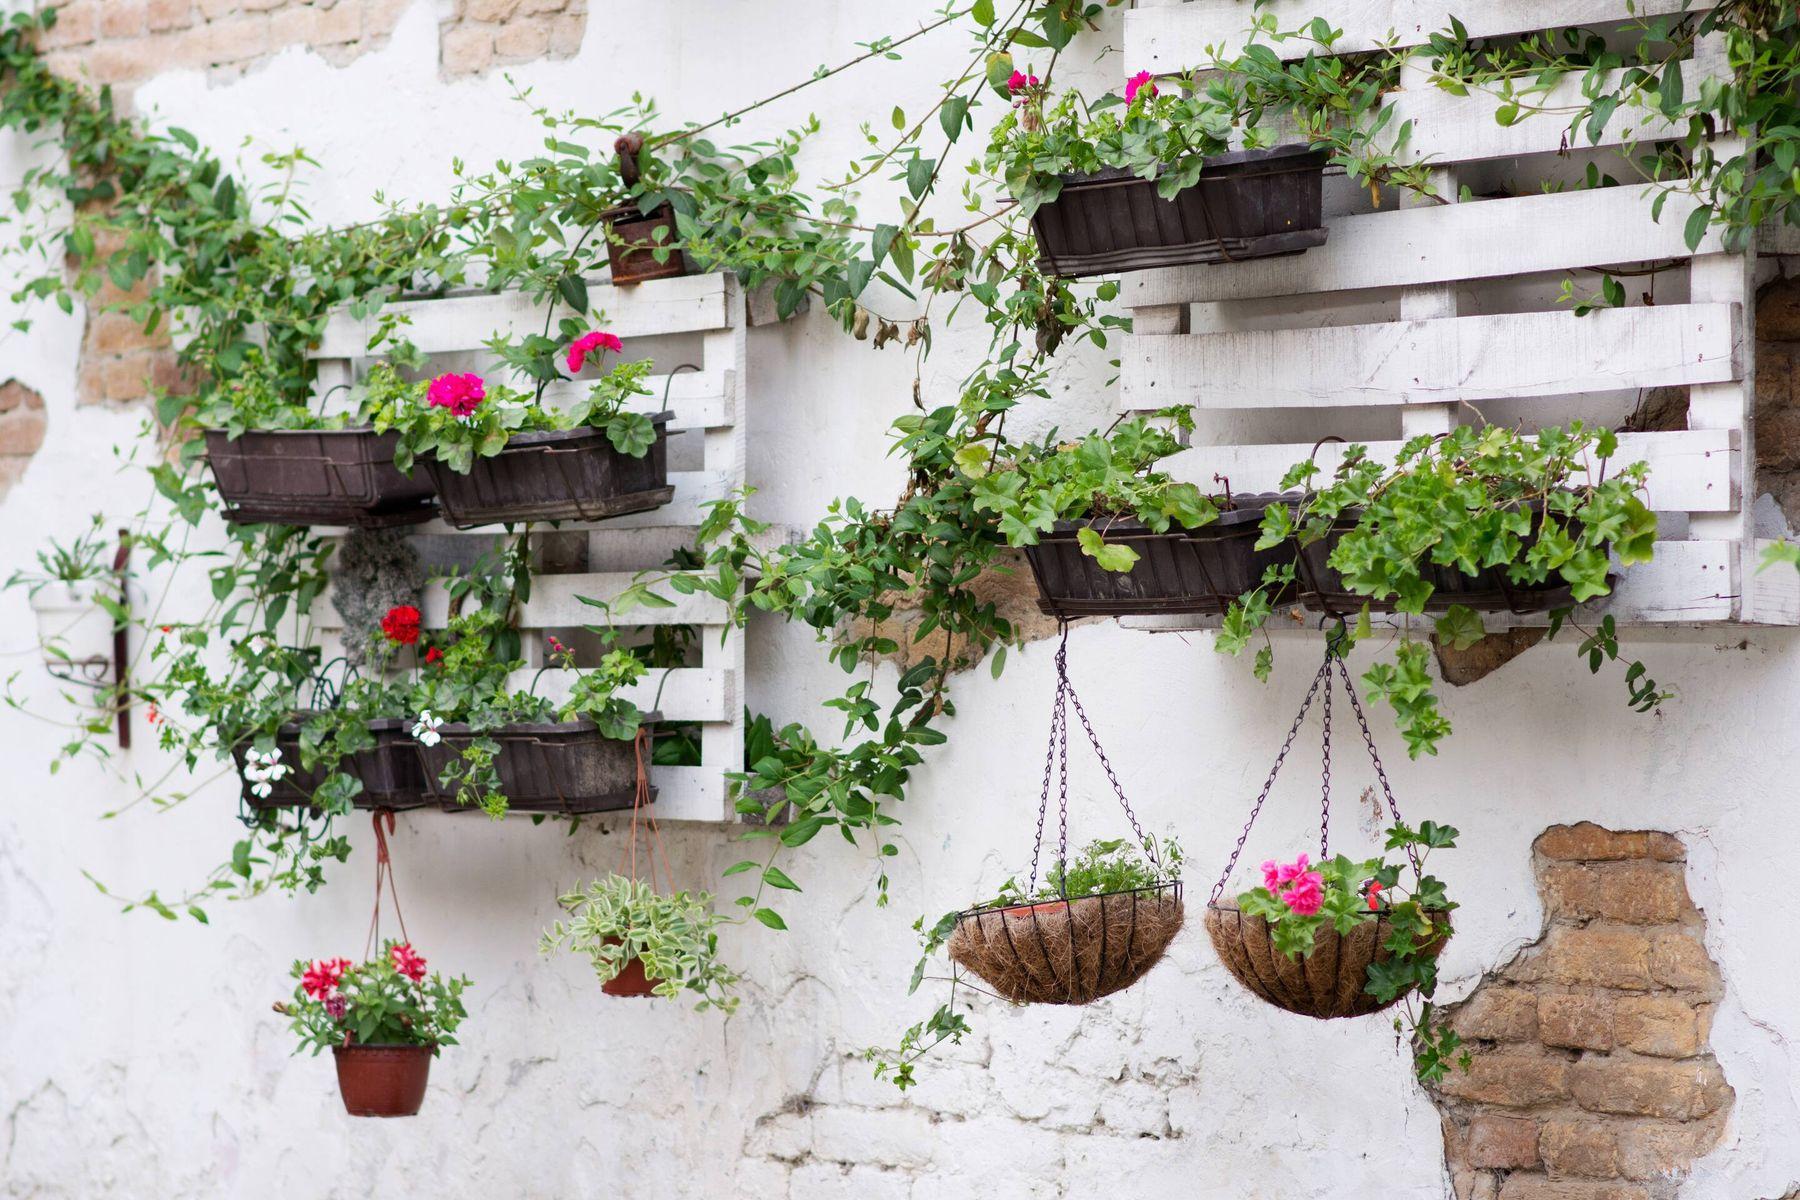 Bahçe Duvarı ve Çiçekler